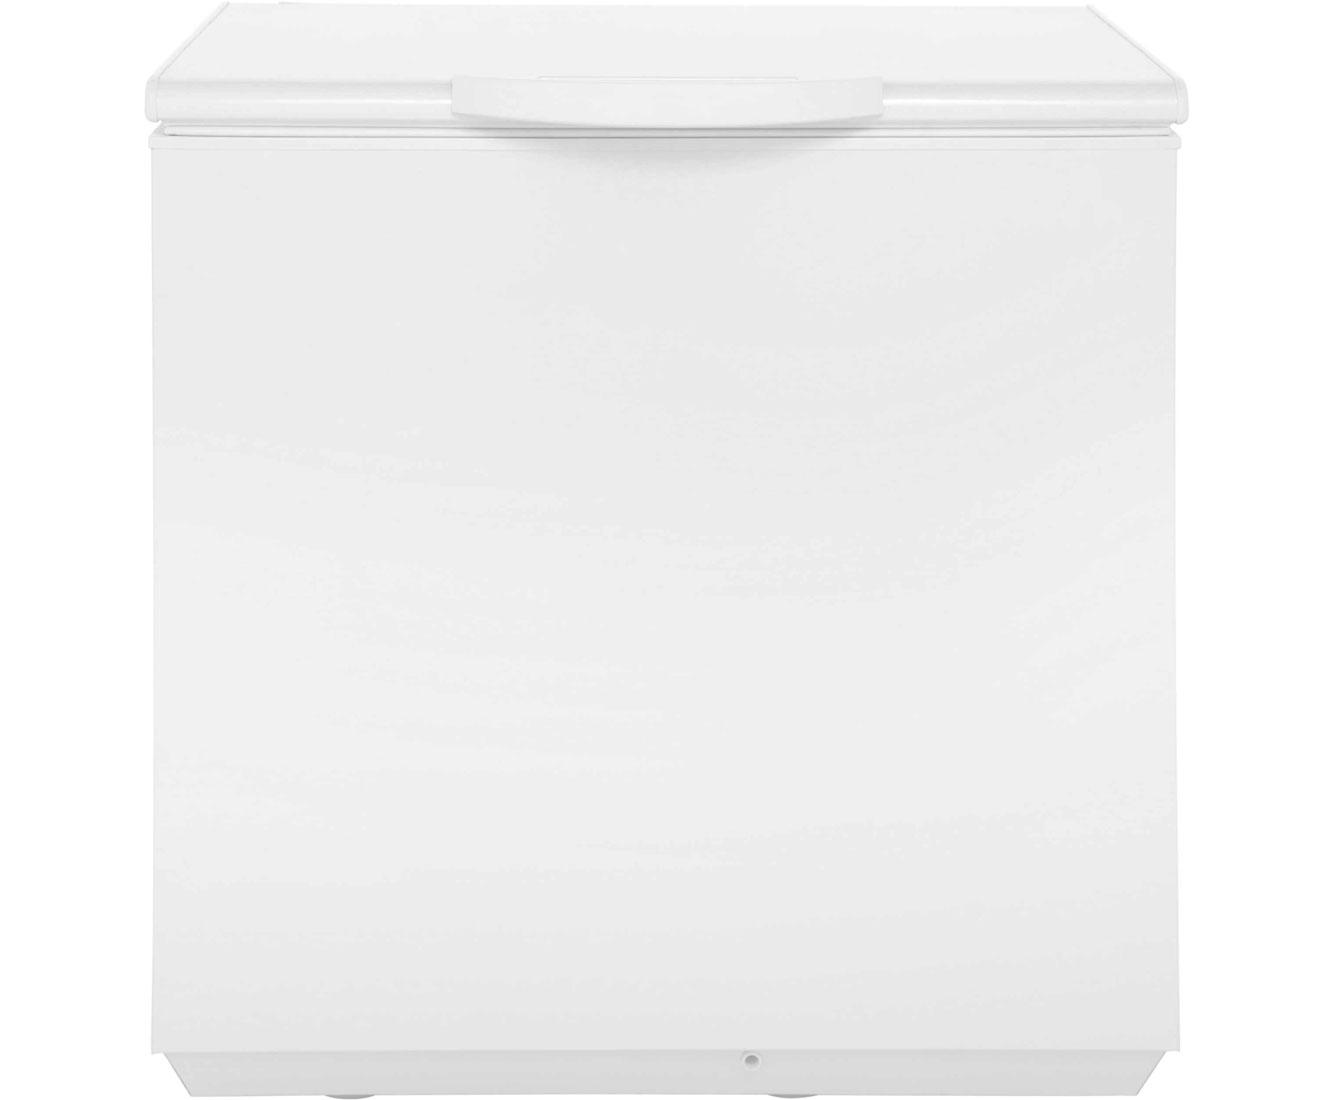 Zanussi ZFC321WA Free Standing Chest Freezer in White